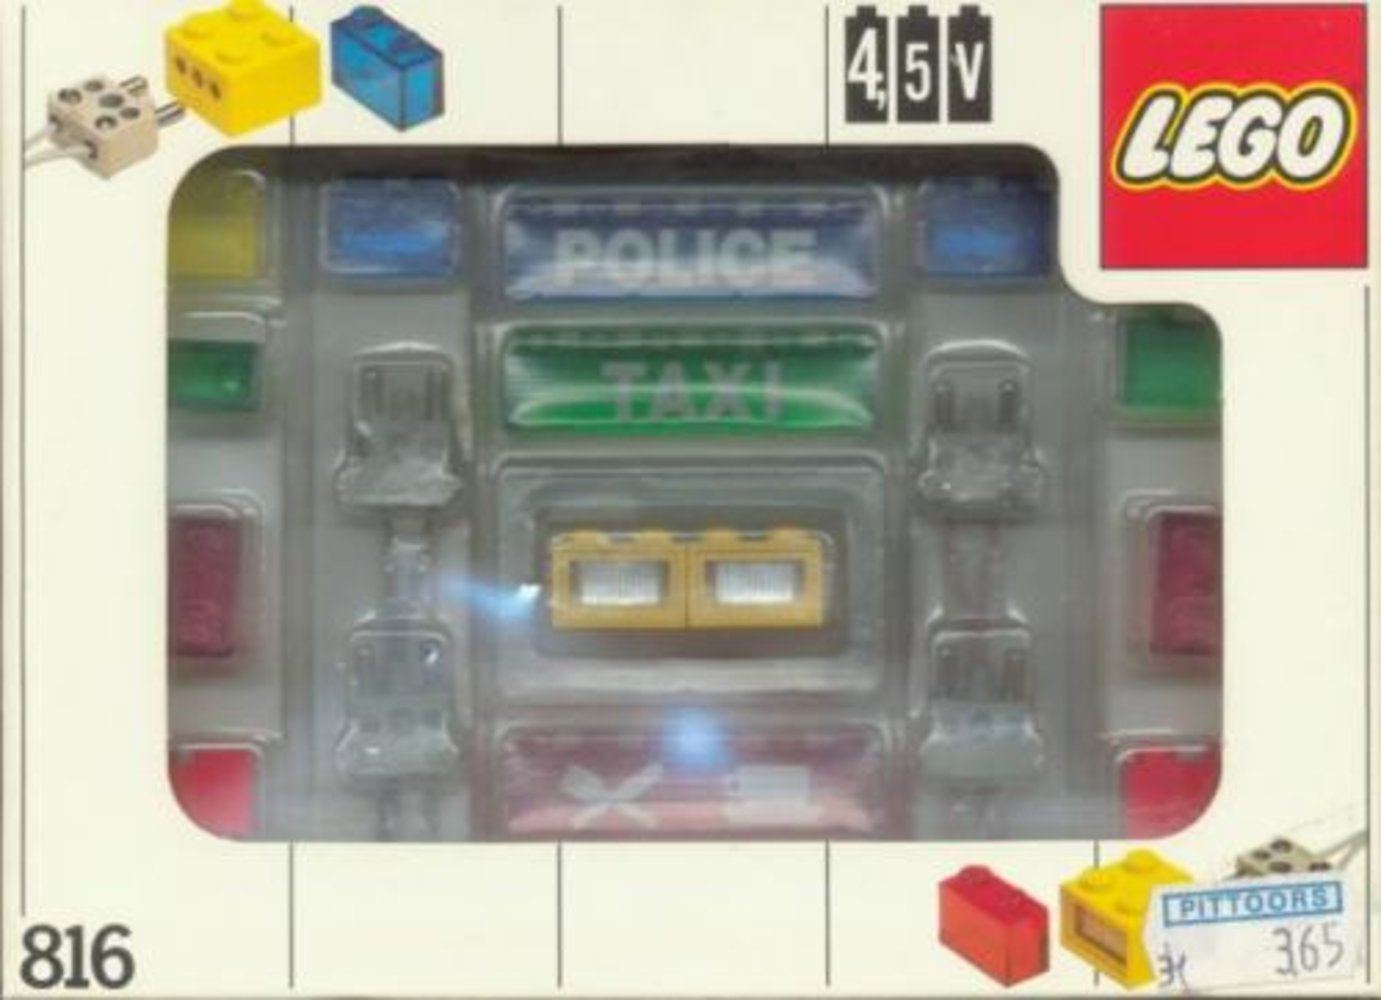 Lighting Bricks, 4.5V